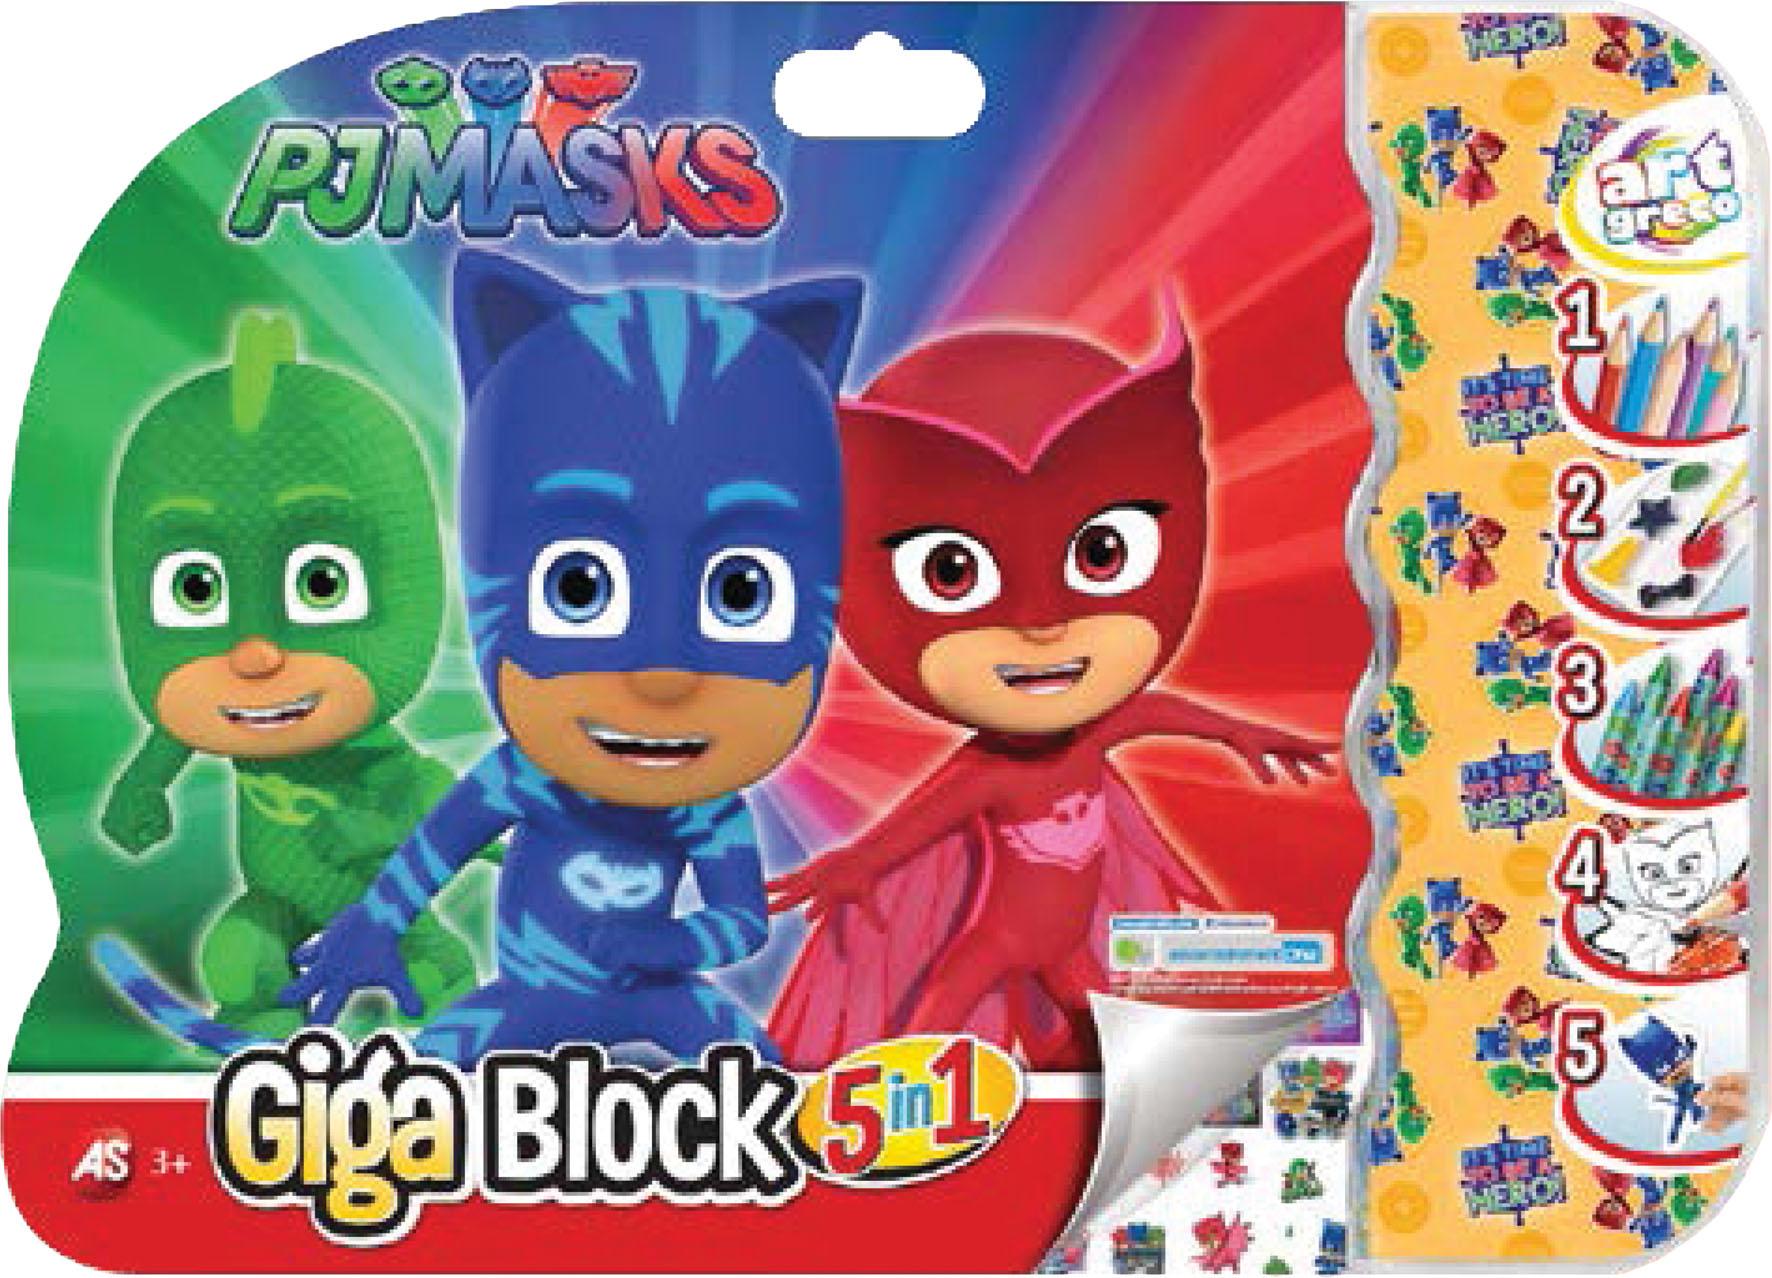 GIGA BLOCK PJ MASKS 5 IN 1